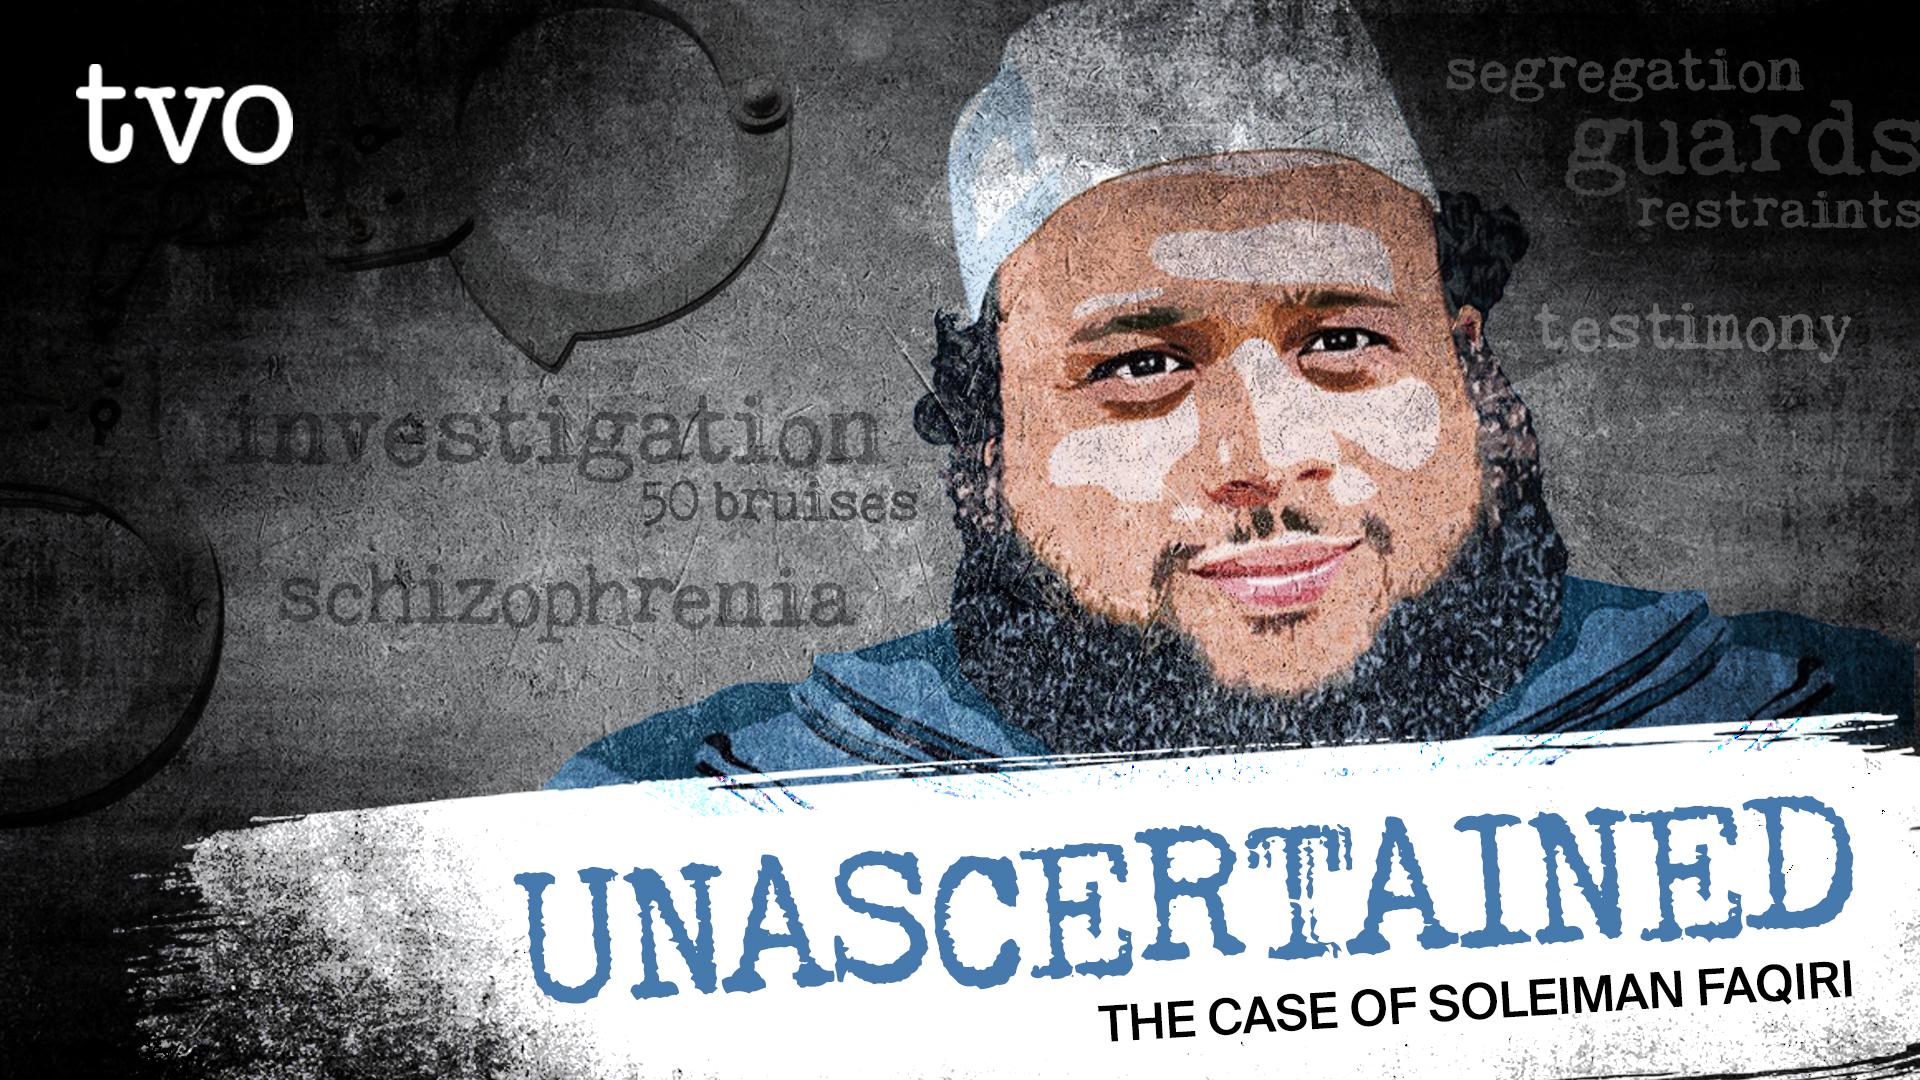 Unascertained. The case of Soleiman Faquiri.